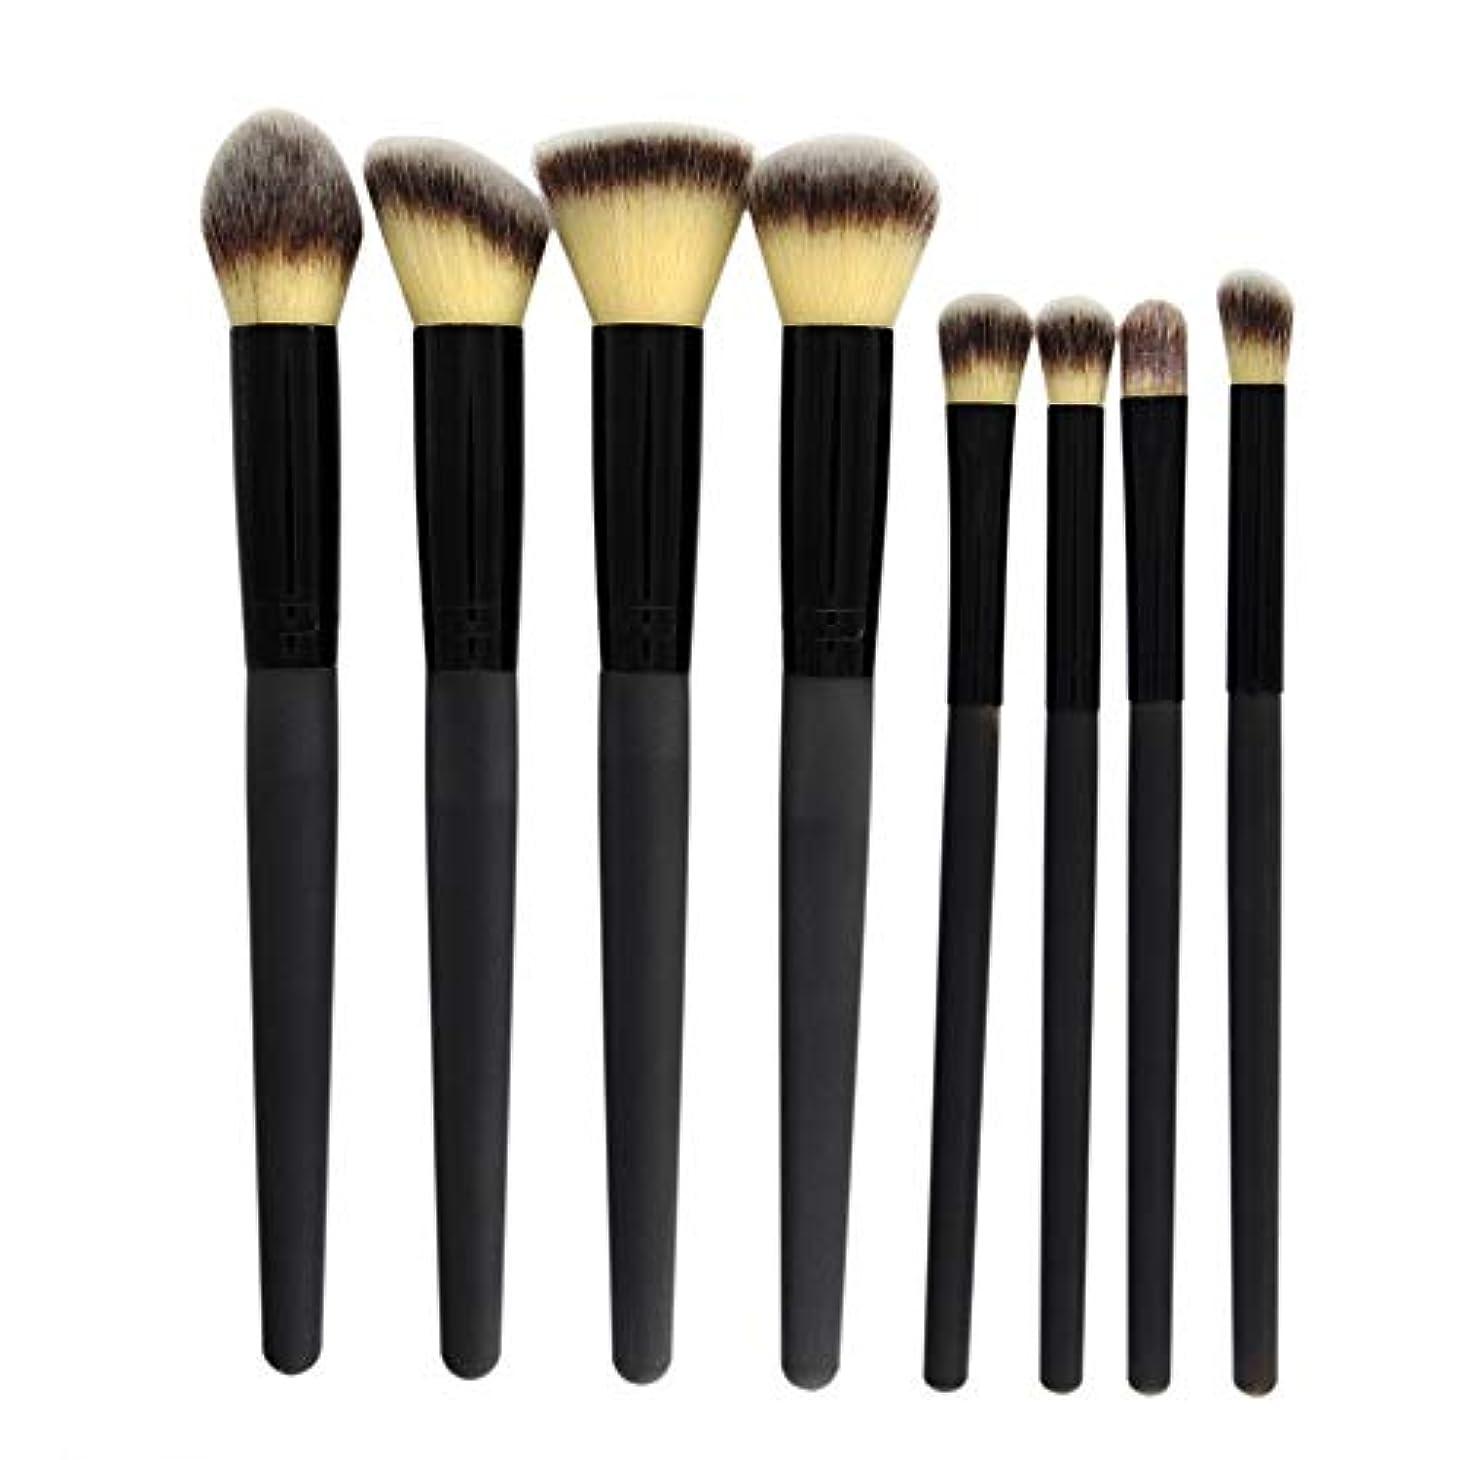 インレイバーごみ多機能 化粧ブラシセット 8本セット メイクブラシセット 人気 化粧筆 化粧ブラシ パウダーファンデーション アイシャドーブラシ 化粧品美容ツール (Color : ブラック, Size : S)